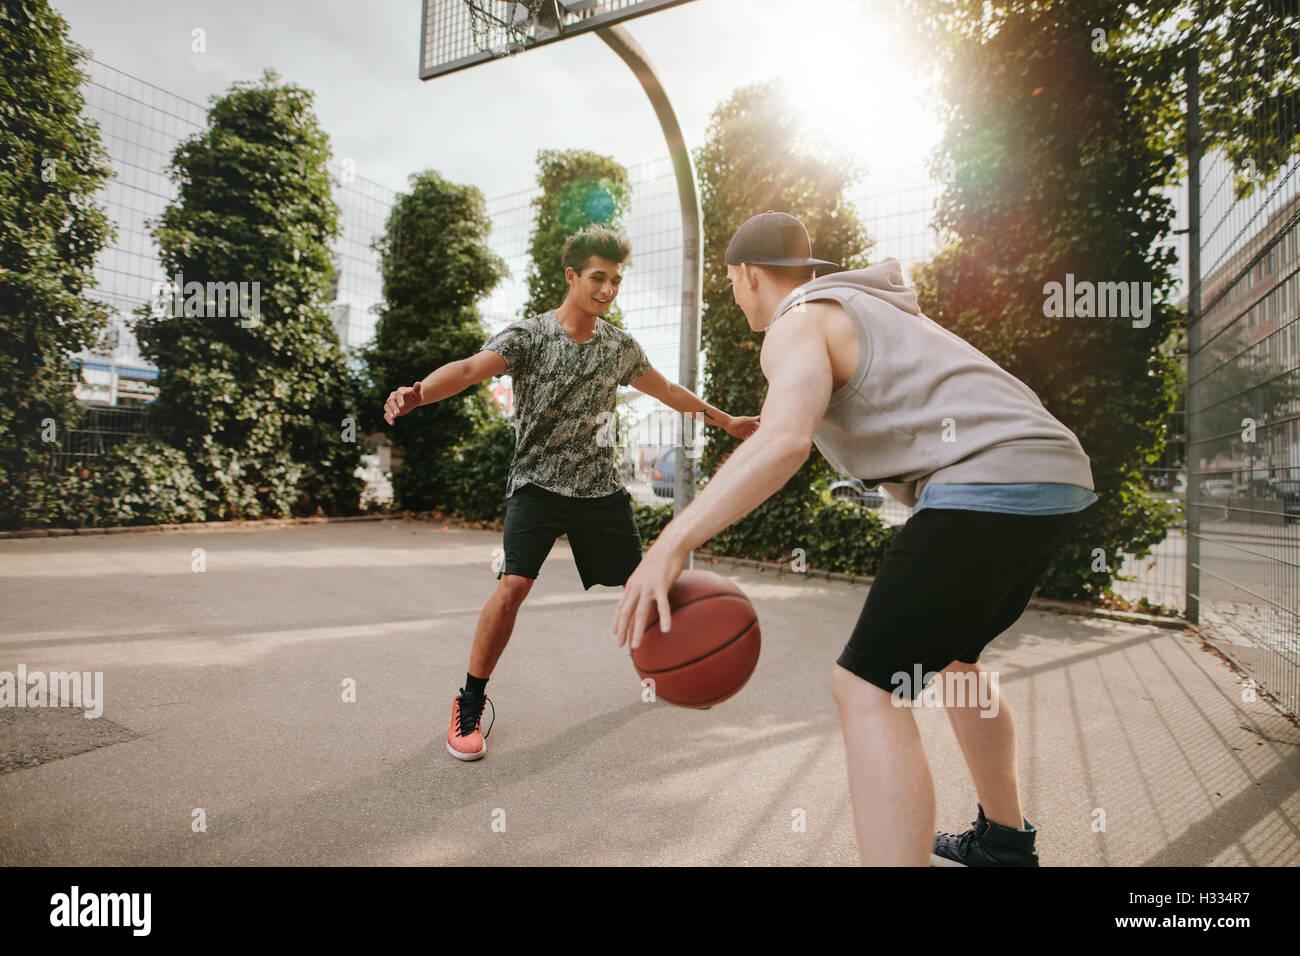 Junge Freunde zusammen zu spielen Basketball, junge vor Netto blockieren und andere dribbling den Ball auf Freiplatz. Stockbild